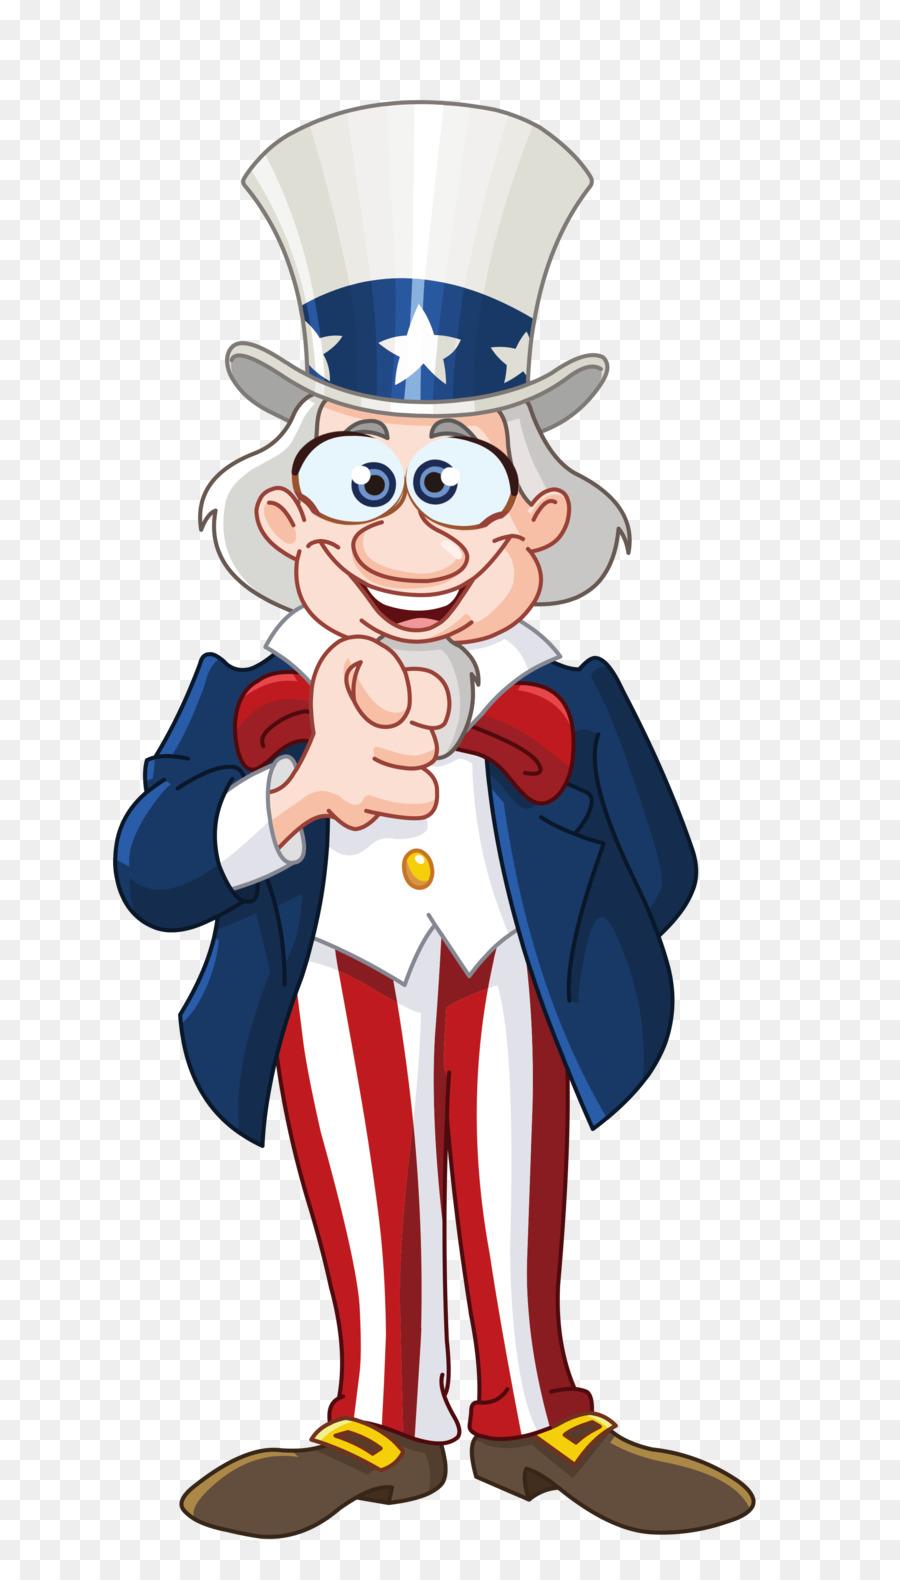 Free uncle sam clipart image transparent Uncle Sam Profession png download - 2476*4345 - Free Transparent ... image transparent